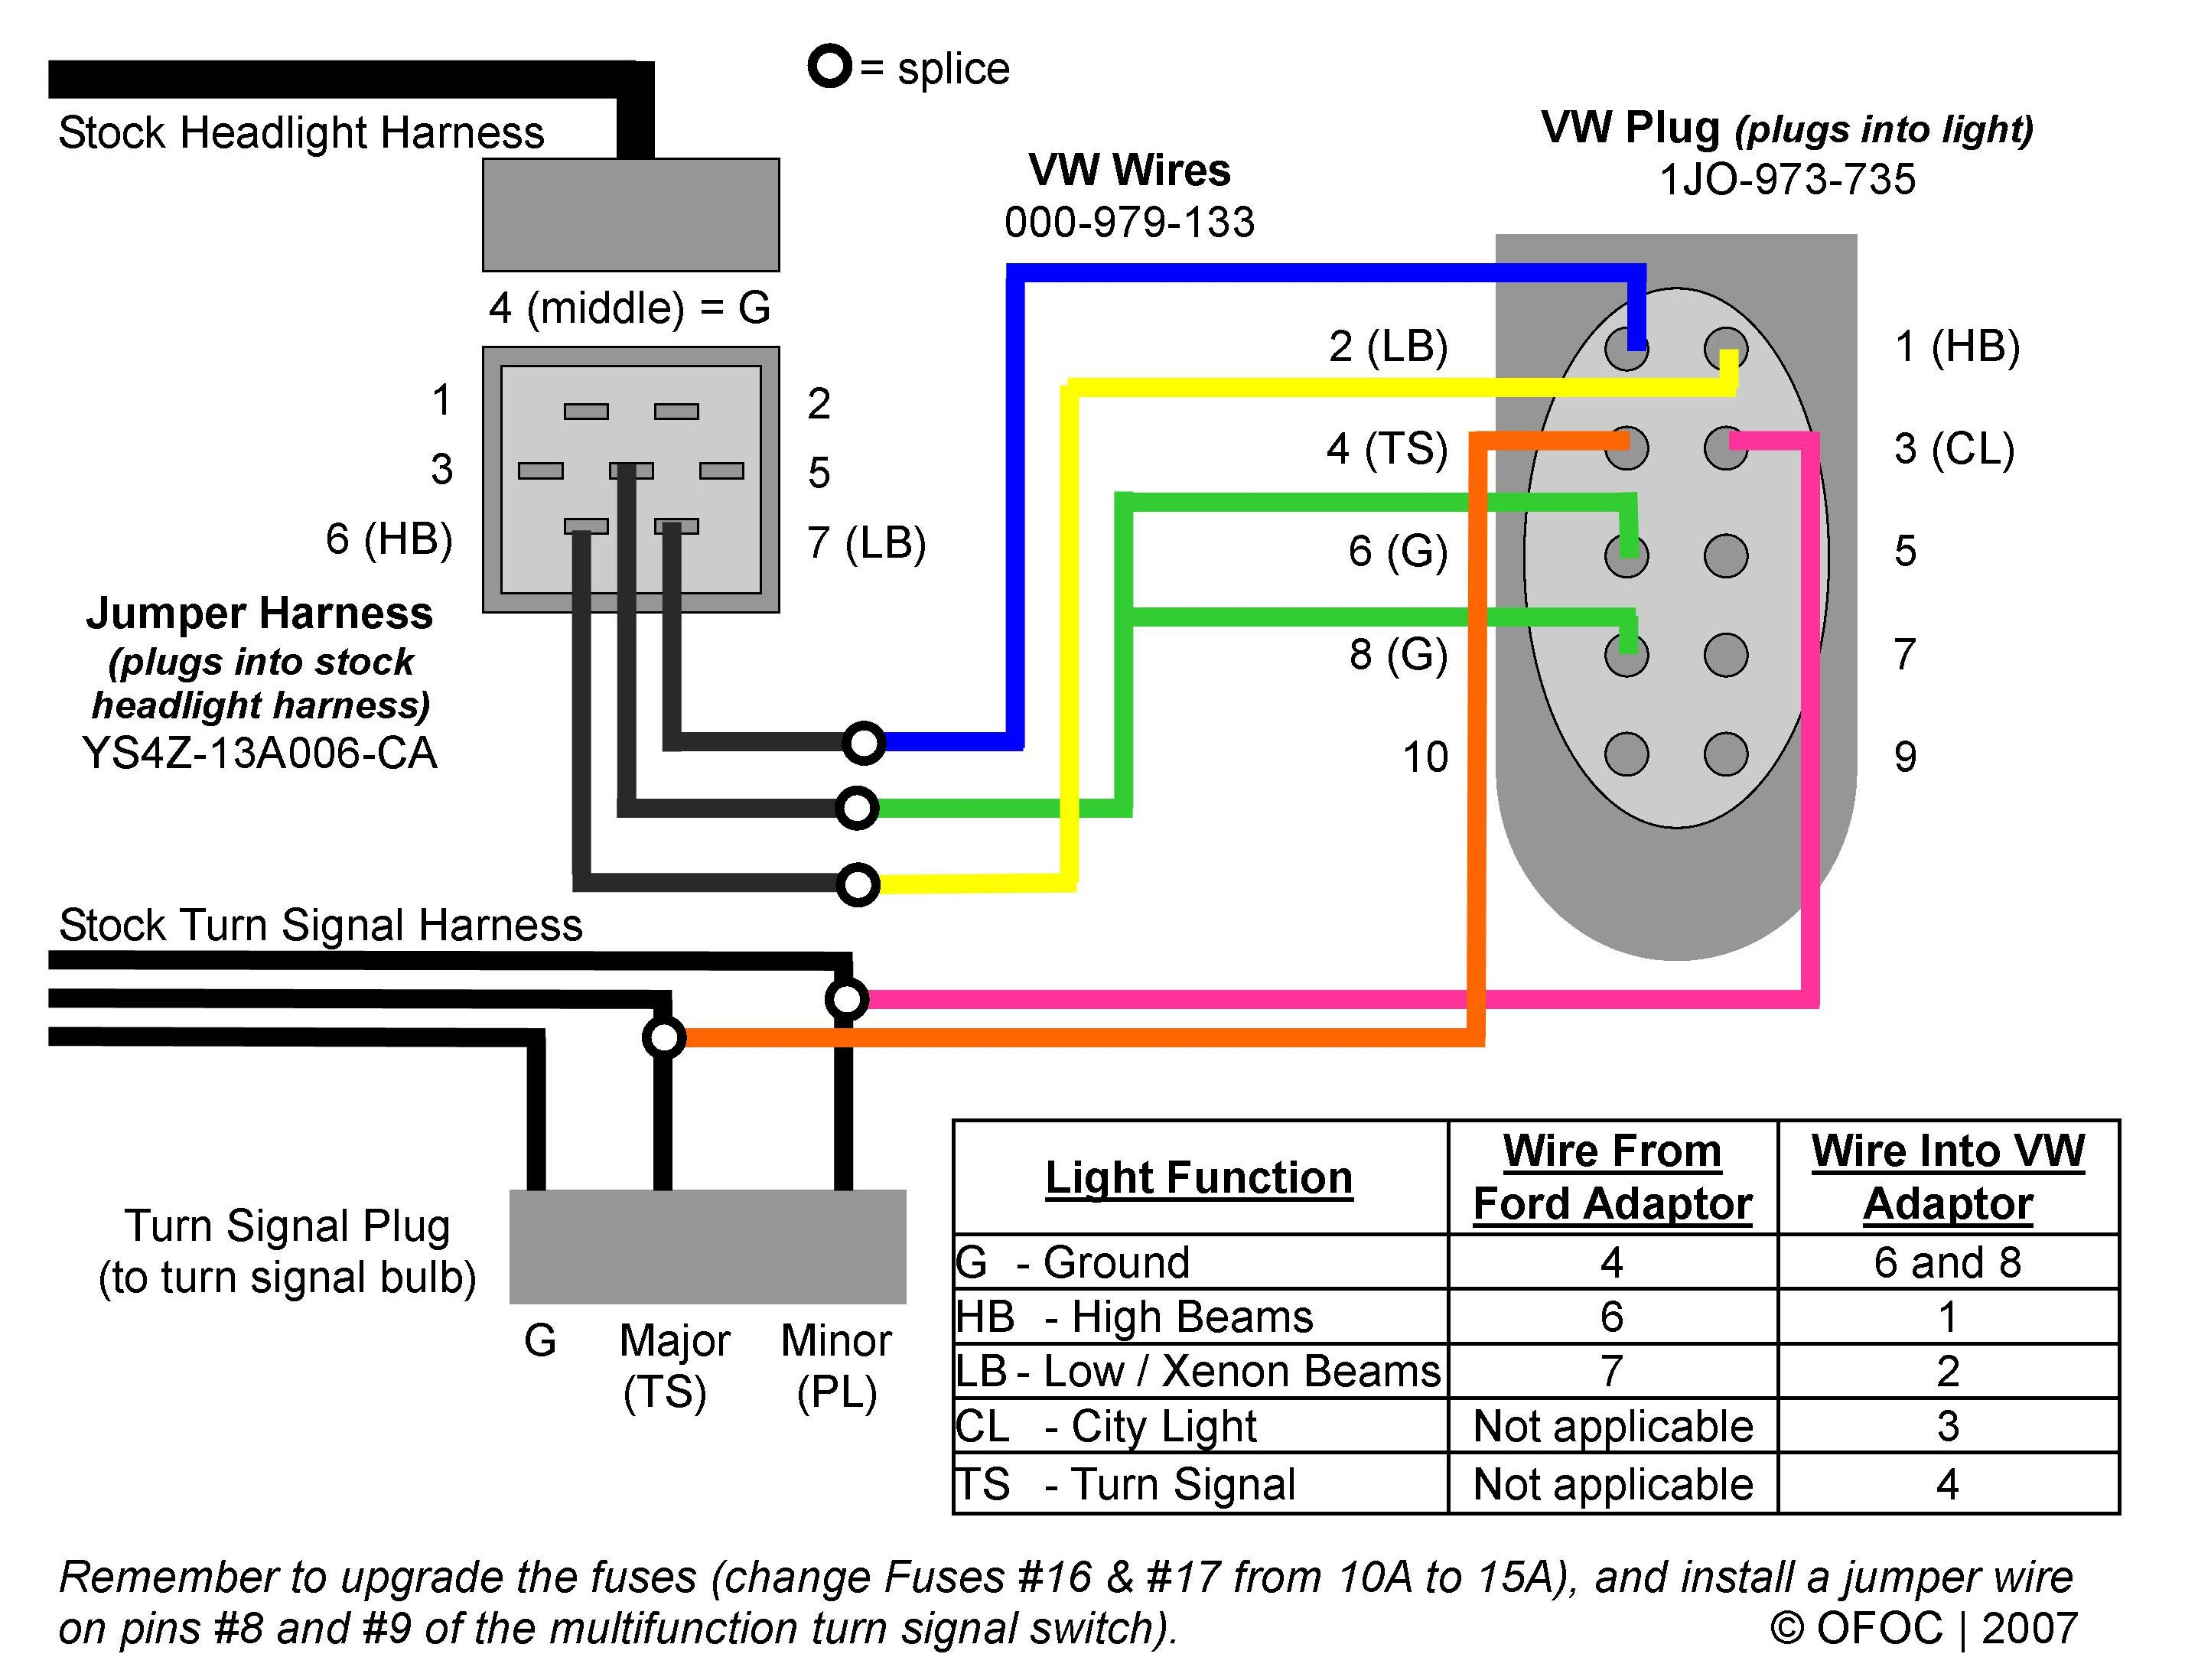 2002 Jetta Engine Diagram Cl 1 Wiring Diagram Wiring Diagrams Of 2002 Jetta Engine Diagram